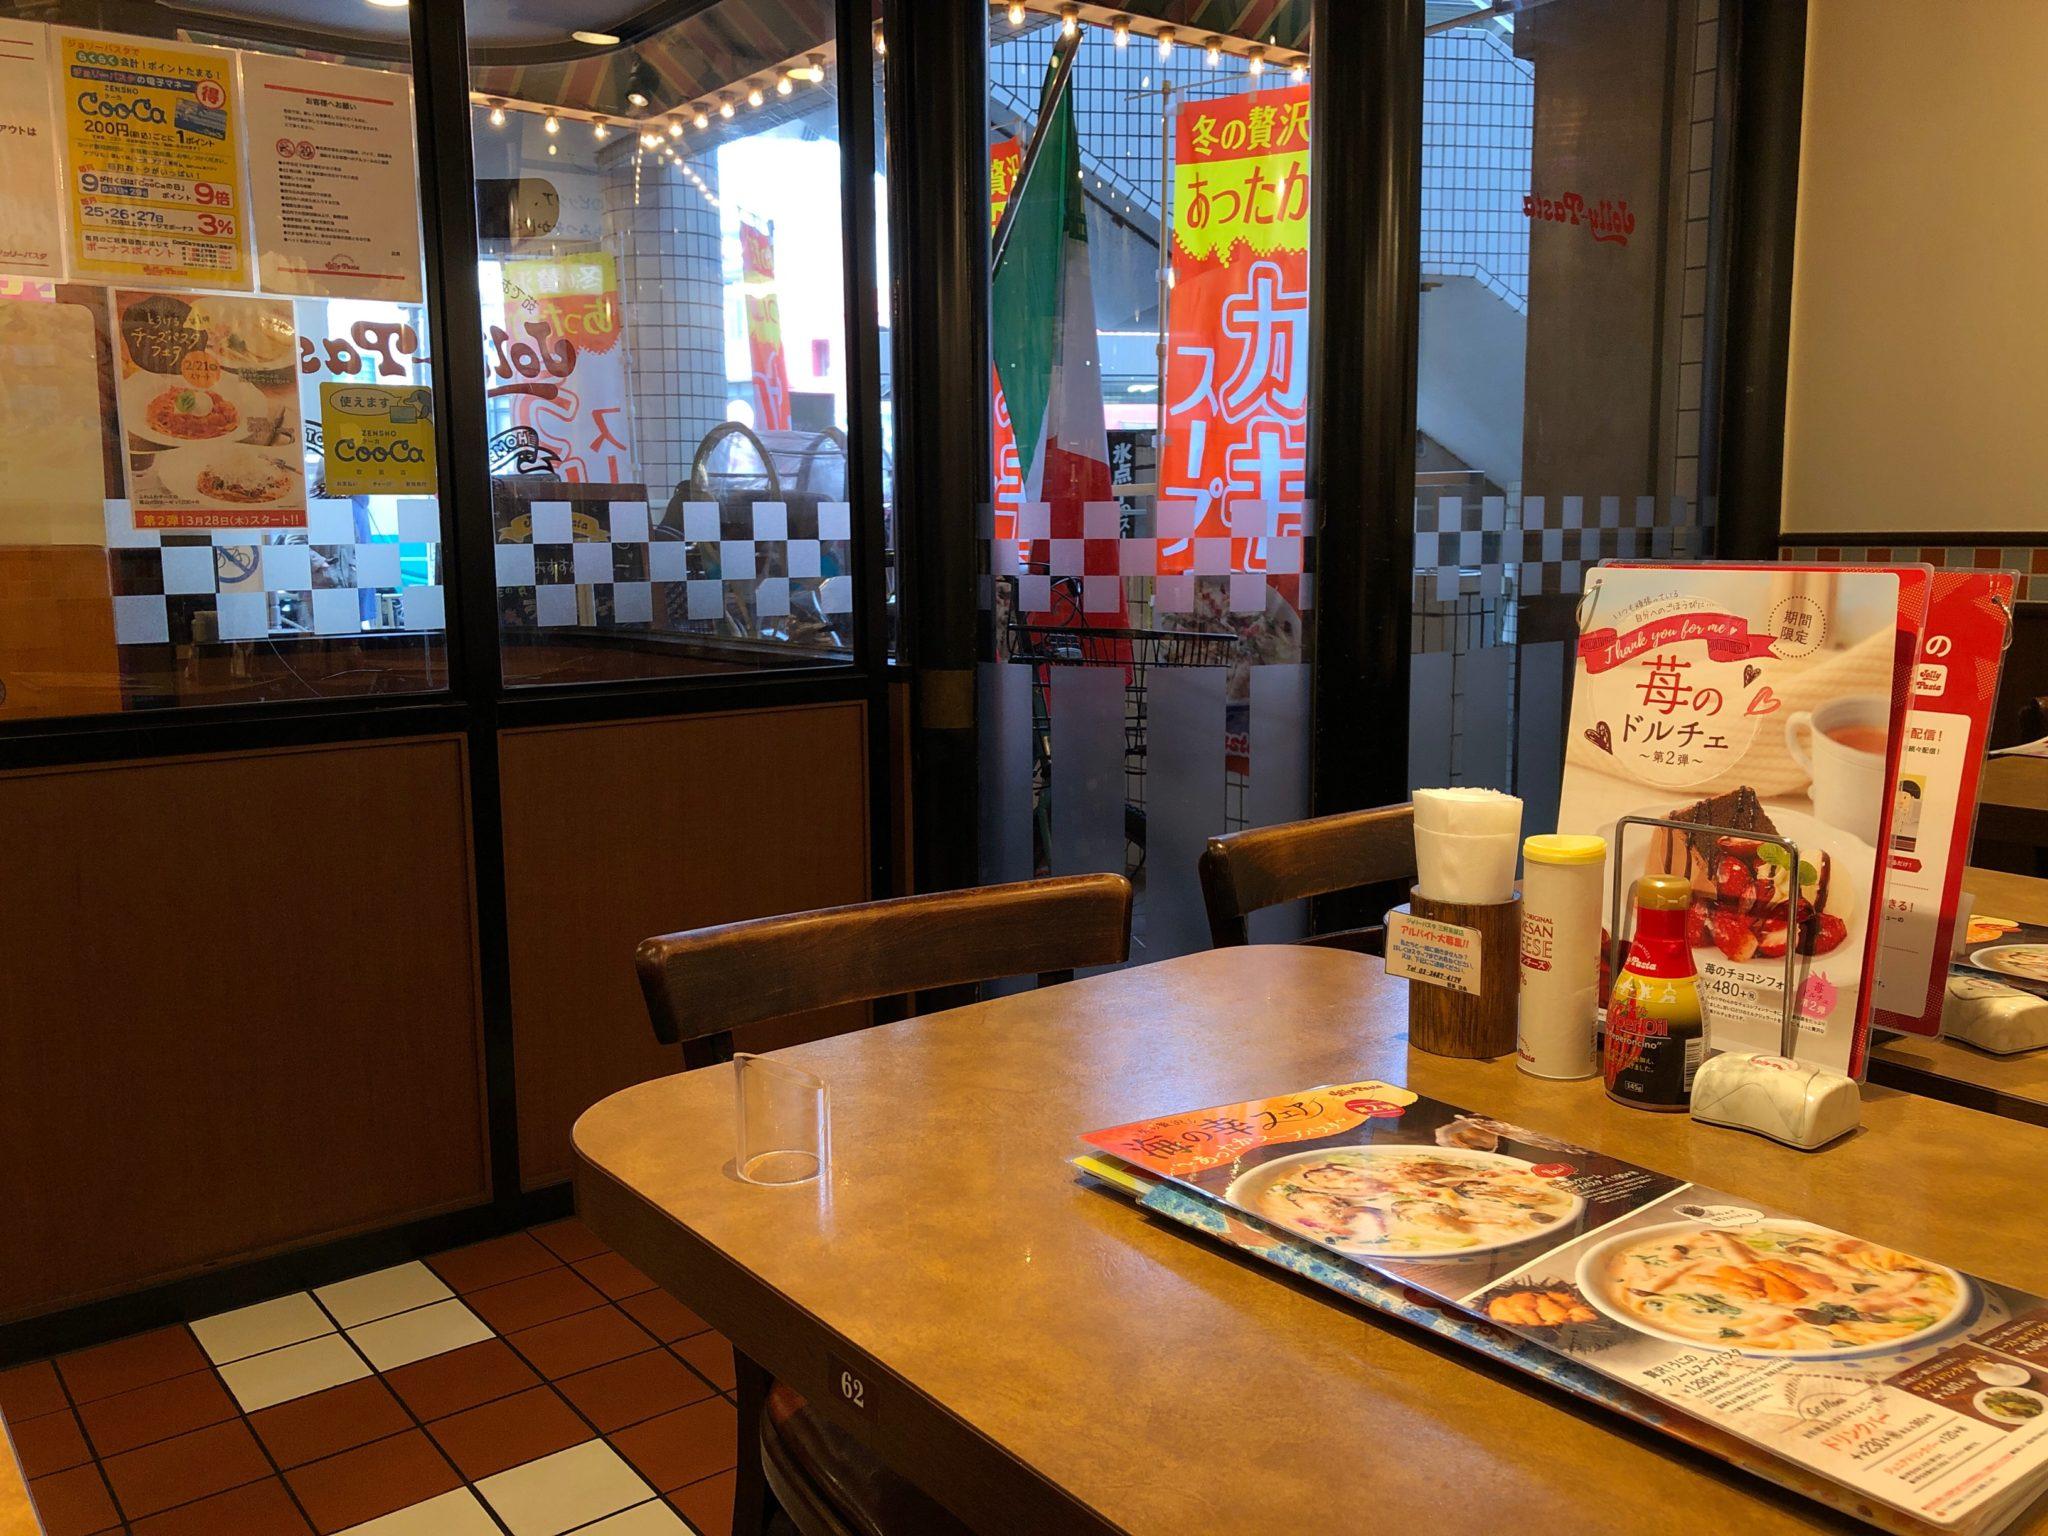 ジョリーパスタ三軒茶屋本店の店内の様子